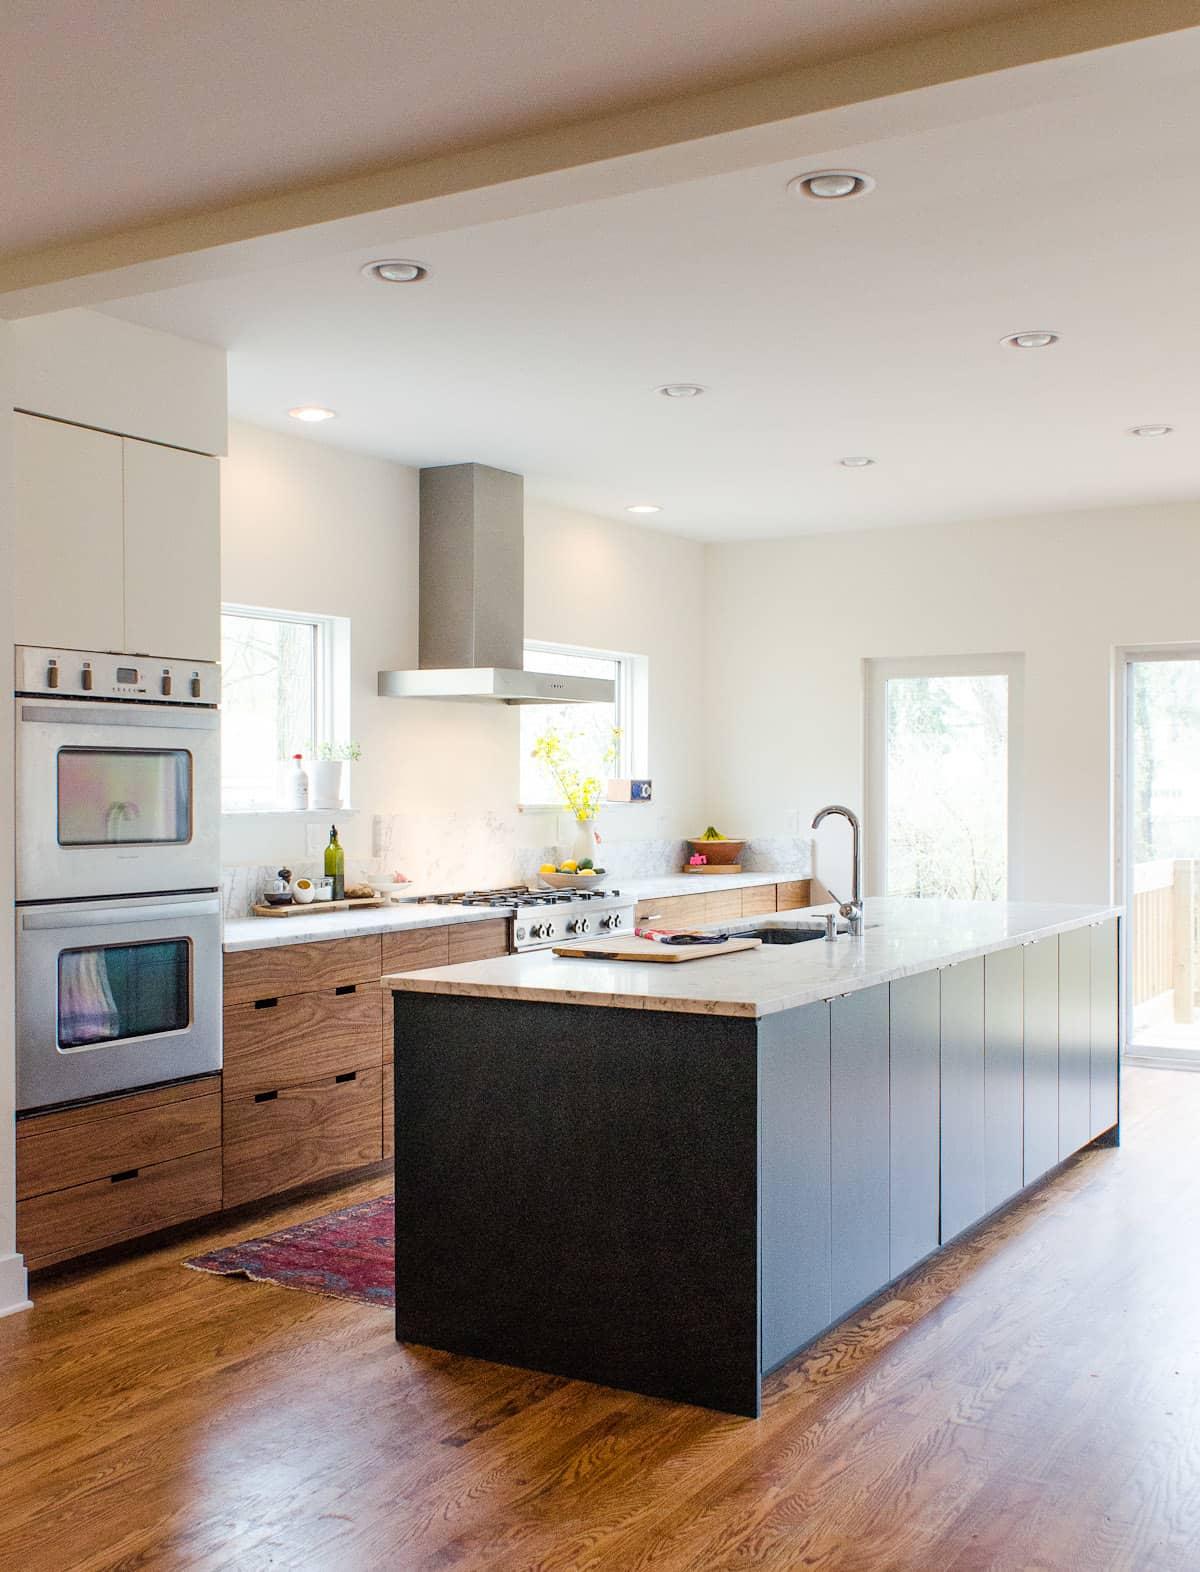 20 Reasons We Love IKEA Kitchens | Kitchn